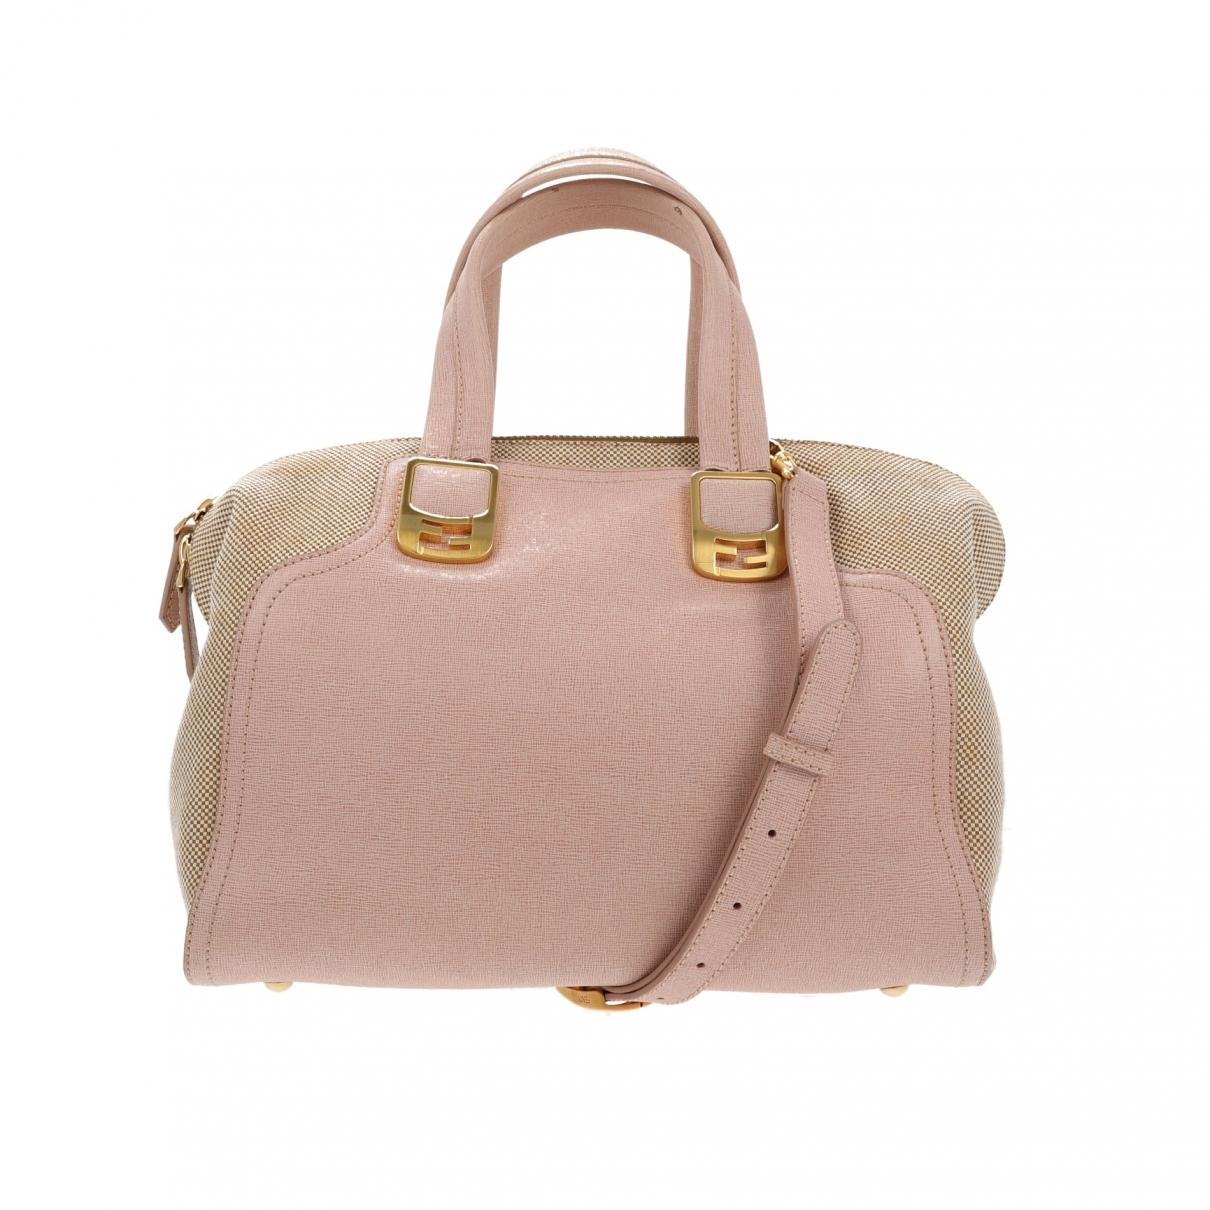 Fendi Chameleon Pink Leather handbag for Women \N